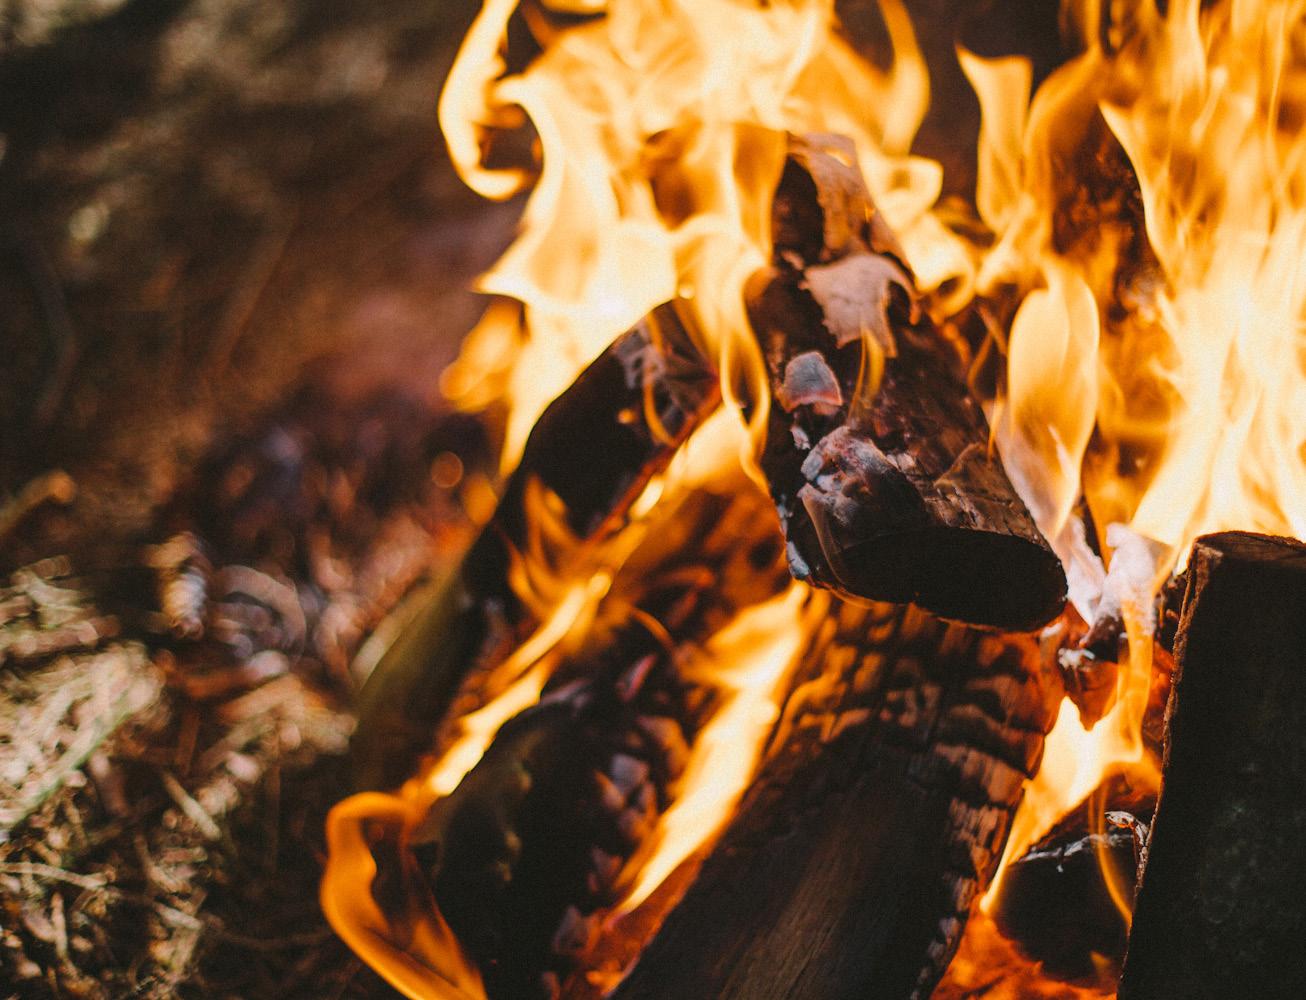 Photo of burning firewood